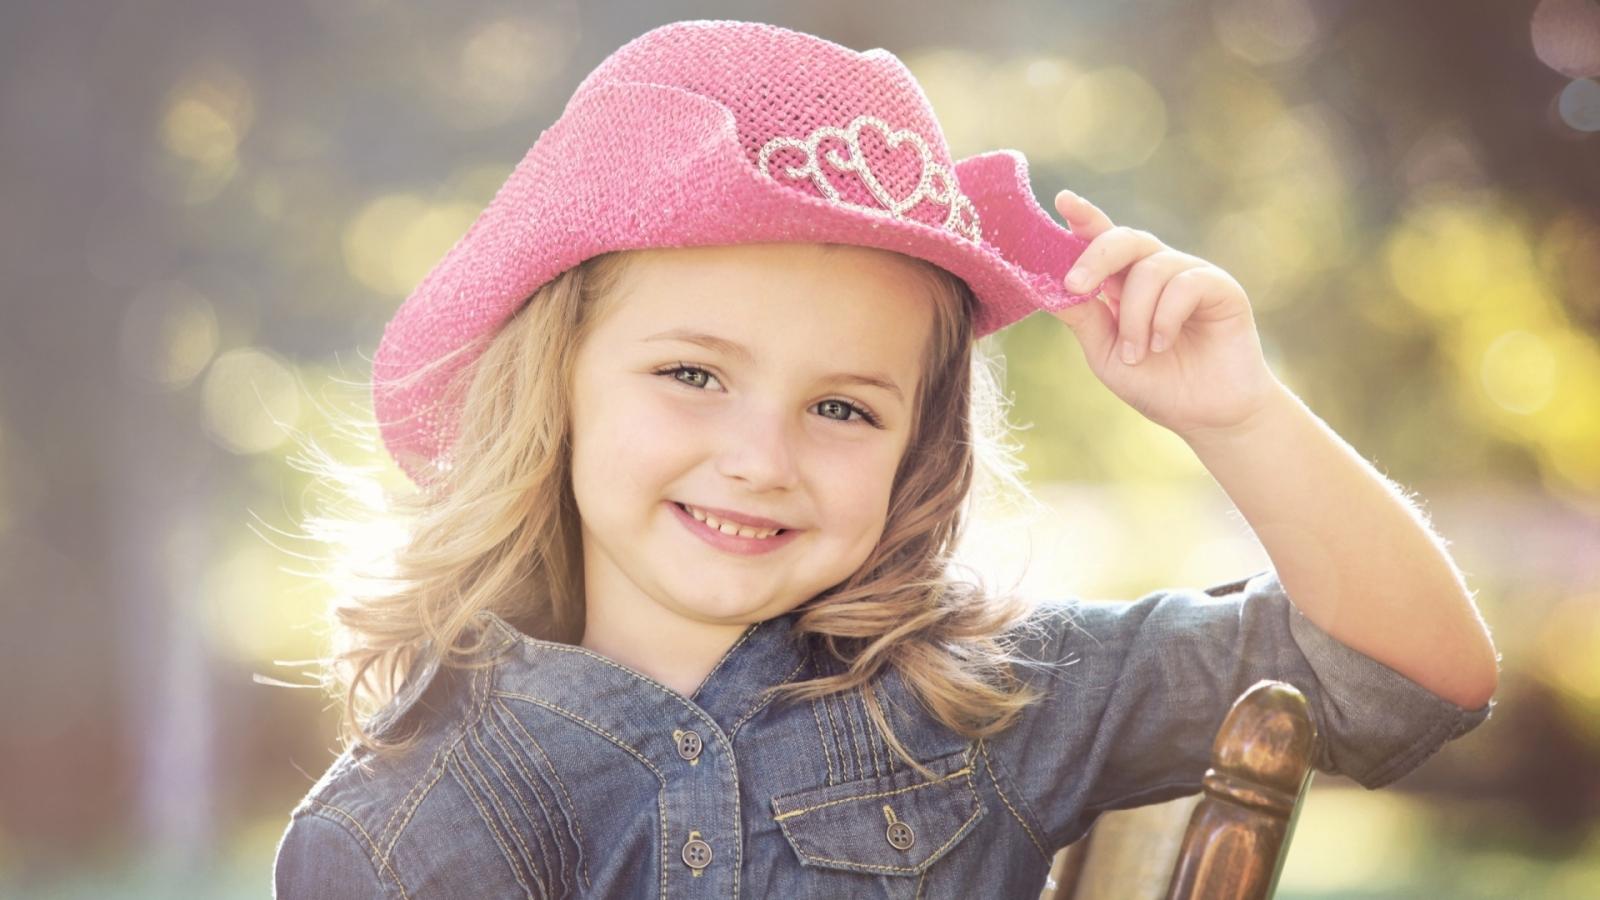 صور بنات صغار 2016 جميلة ورقيقة احلي بنات صغيرة (12)